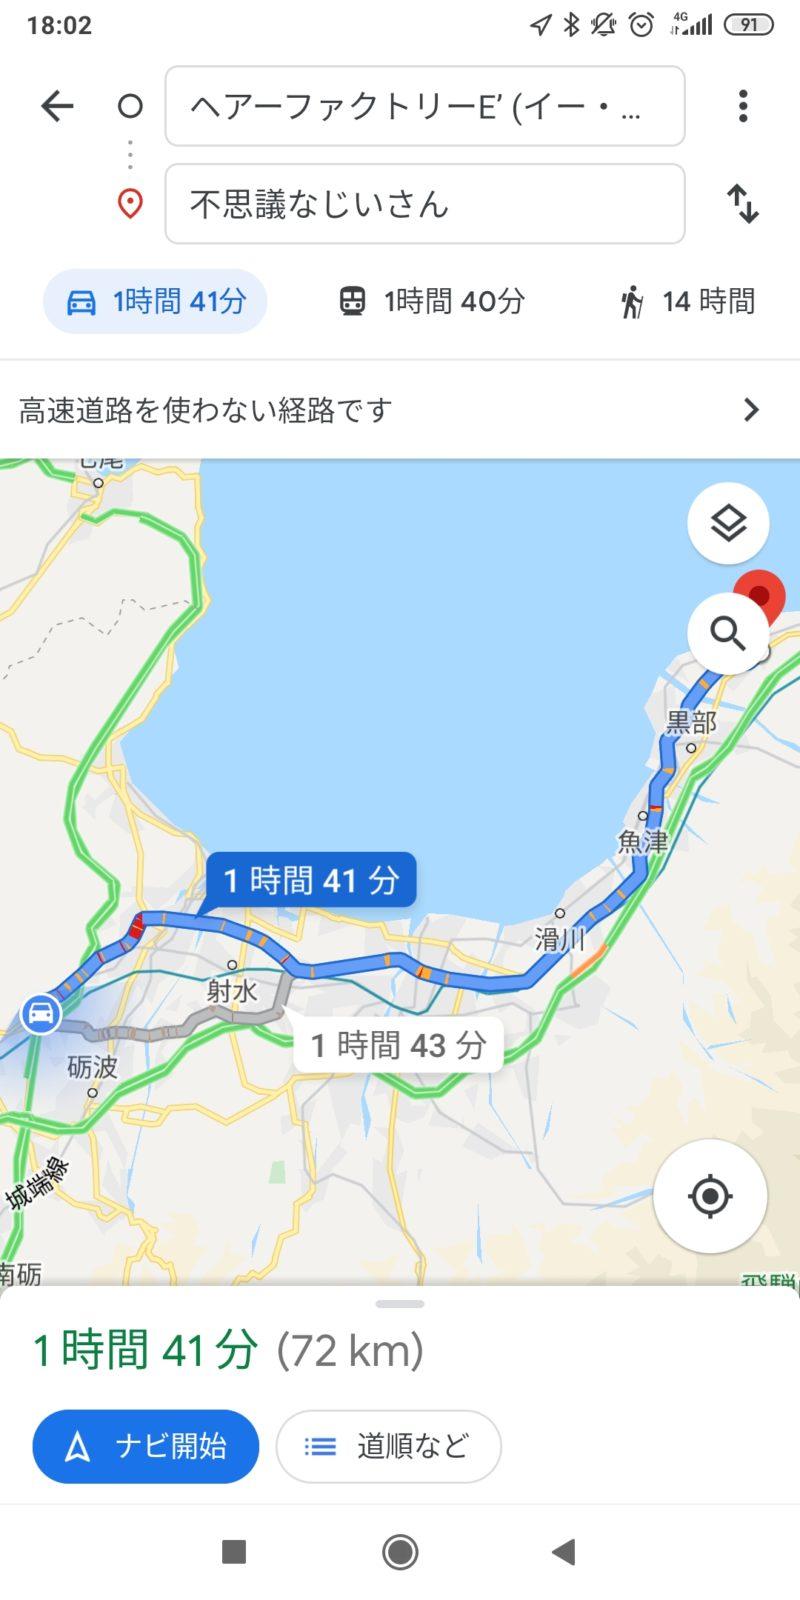 移動距離72km